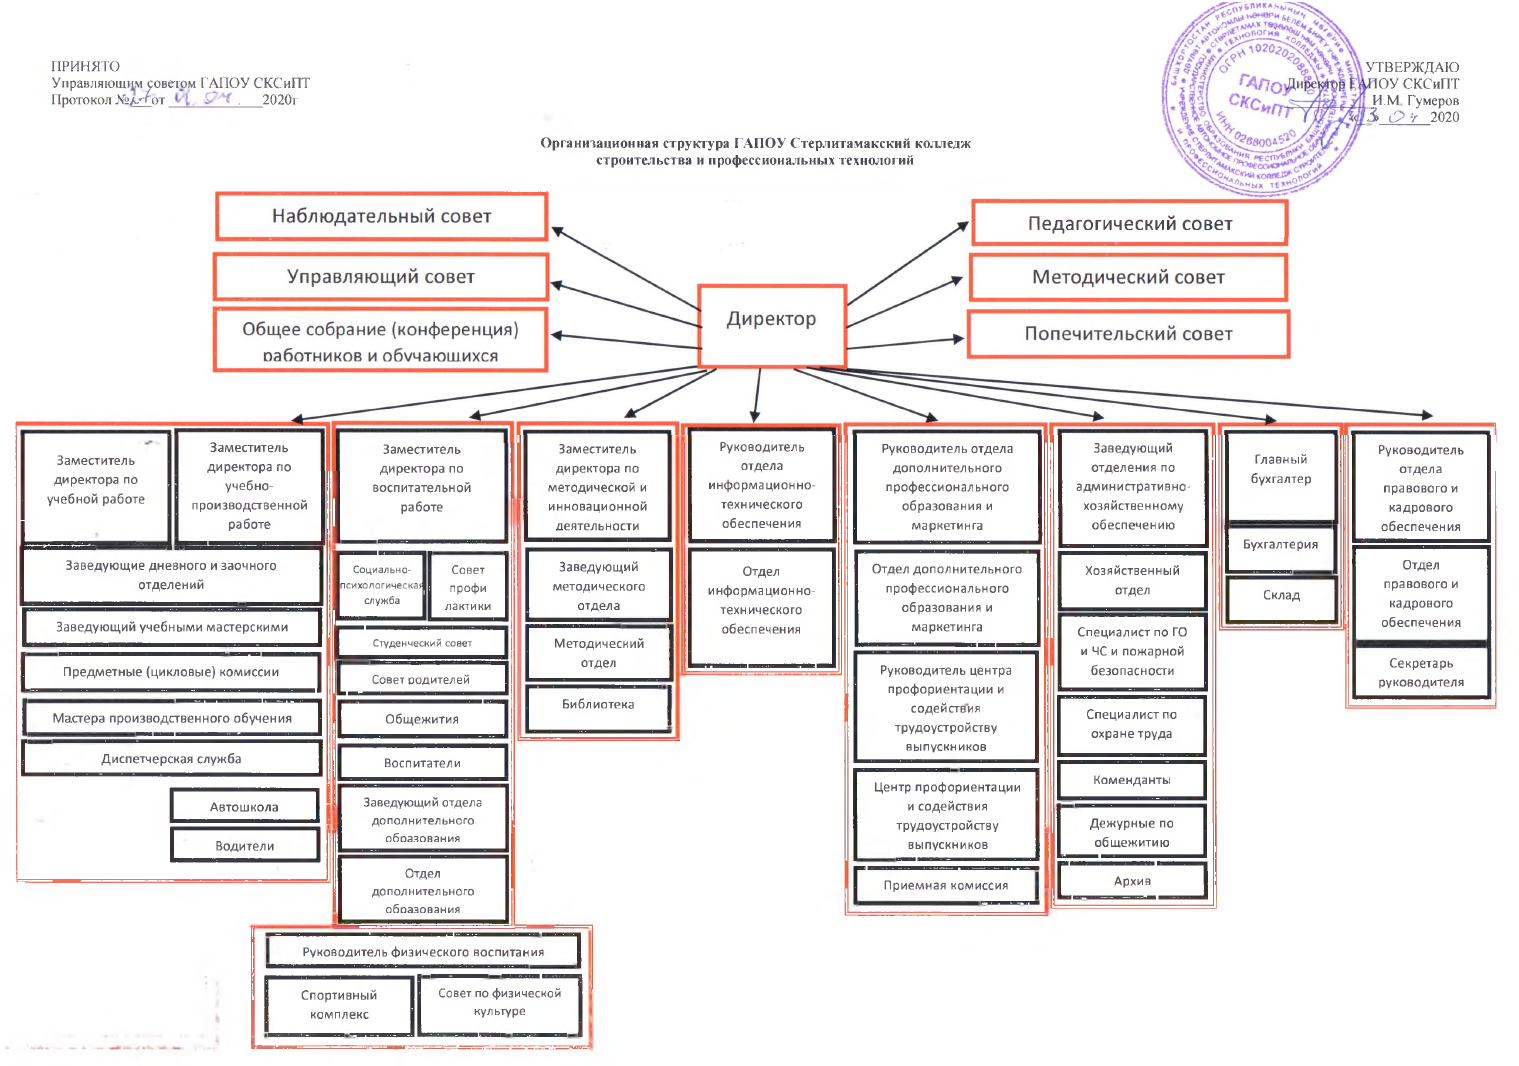 Организация структуры СКСиПТ